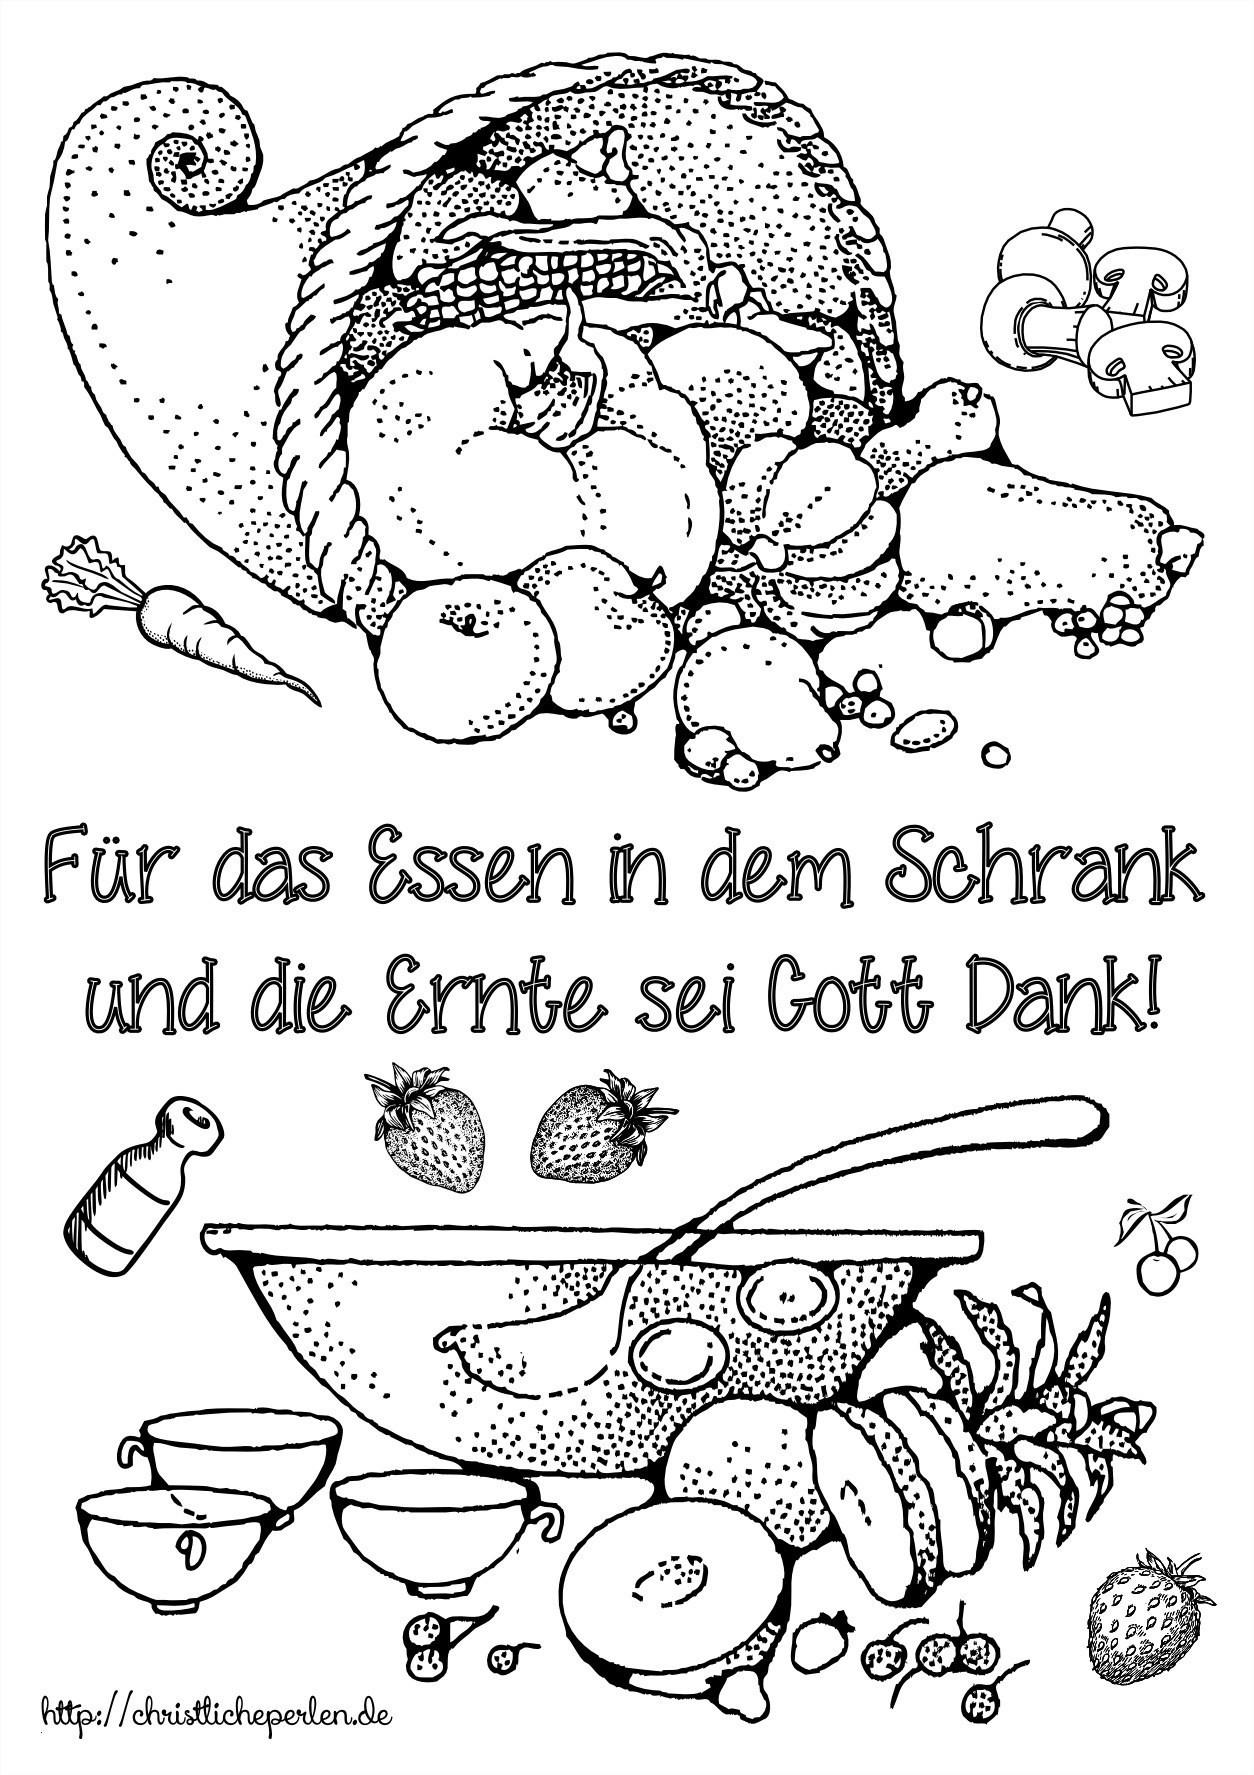 Kleeblatt Zum Ausmalen Inspirierend Kindergarten Bilder Zum Ausmalen Blendend Malvorlagen Igel Best Igel Fotos